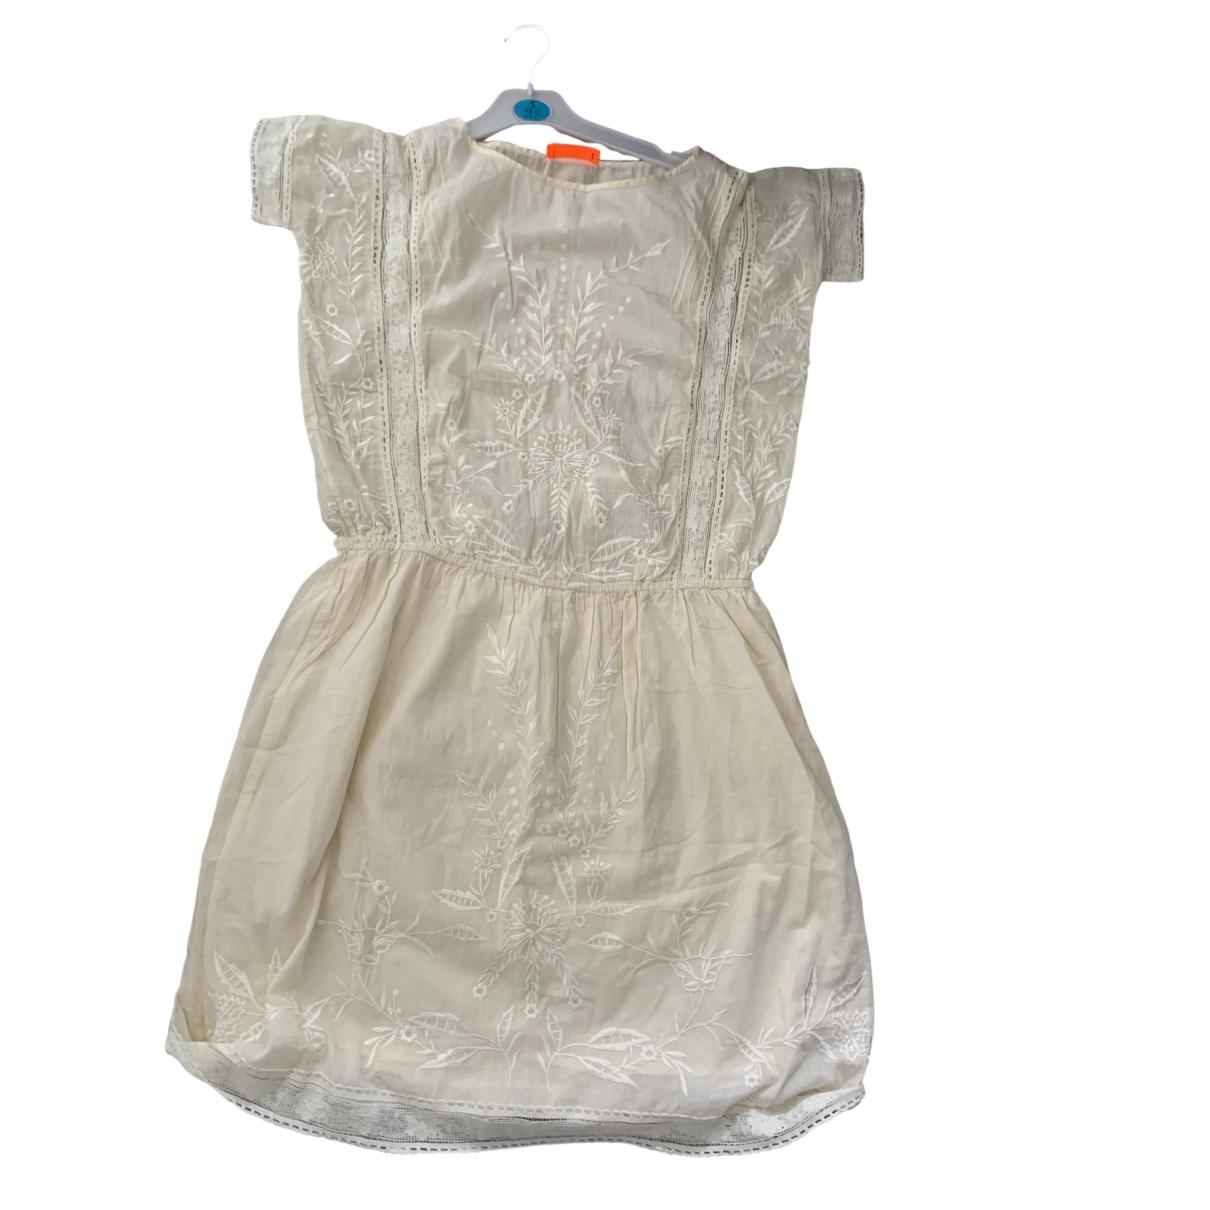 Ba&sh \N Kleid in  Beige Baumwolle